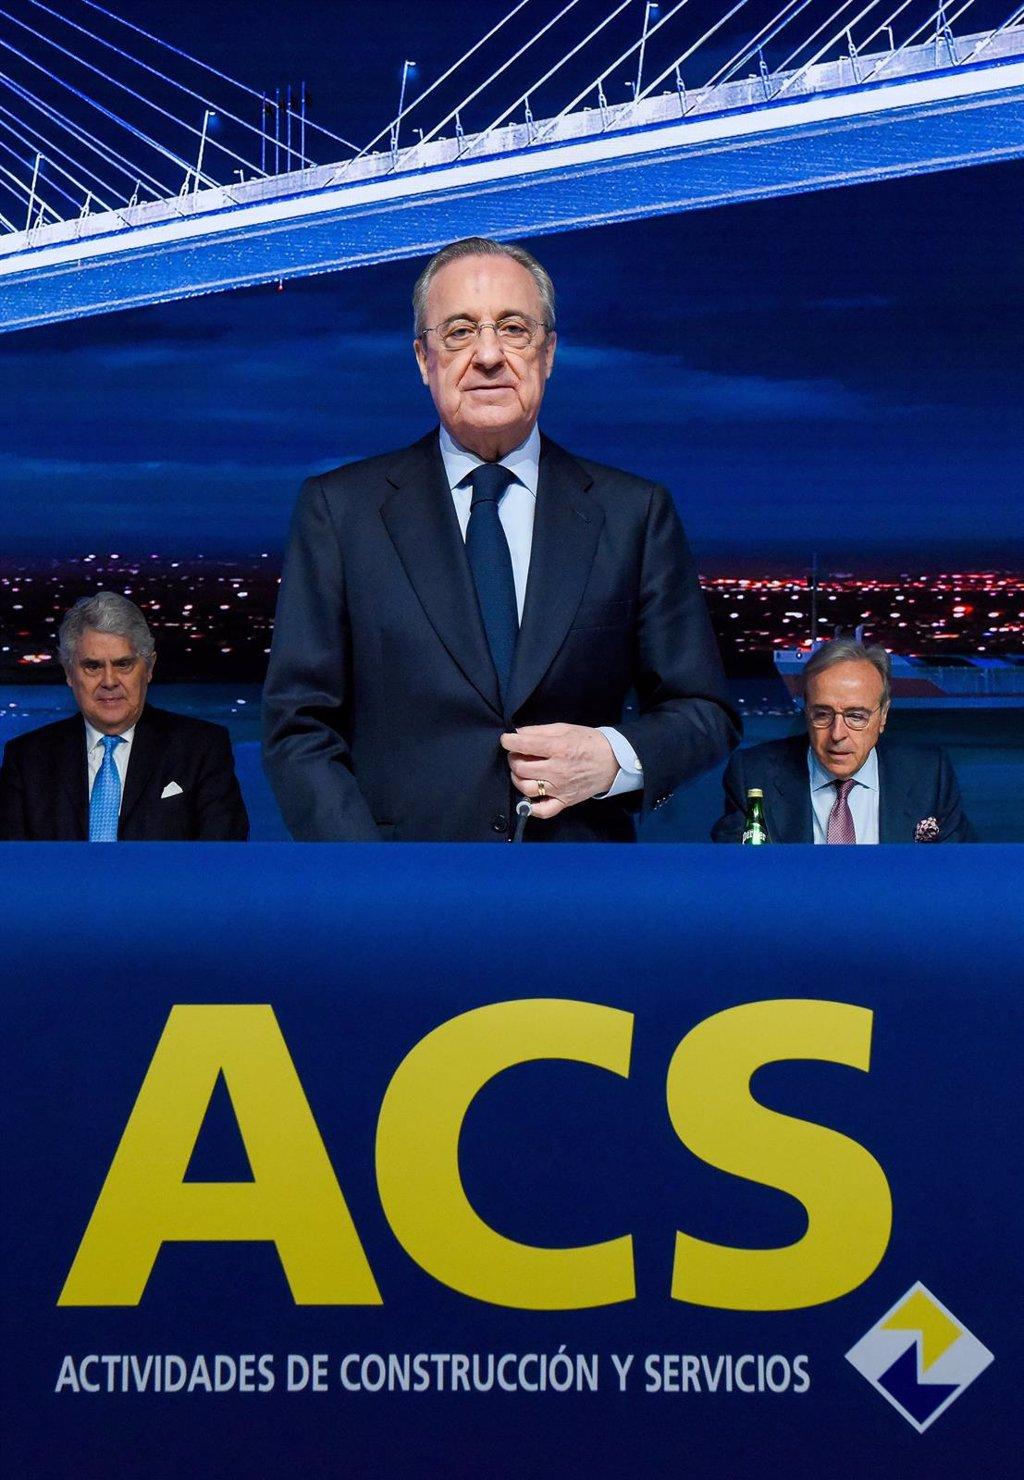 Florentino Pérez agrupa su participación del 12,8% en ACS en una única sociedad